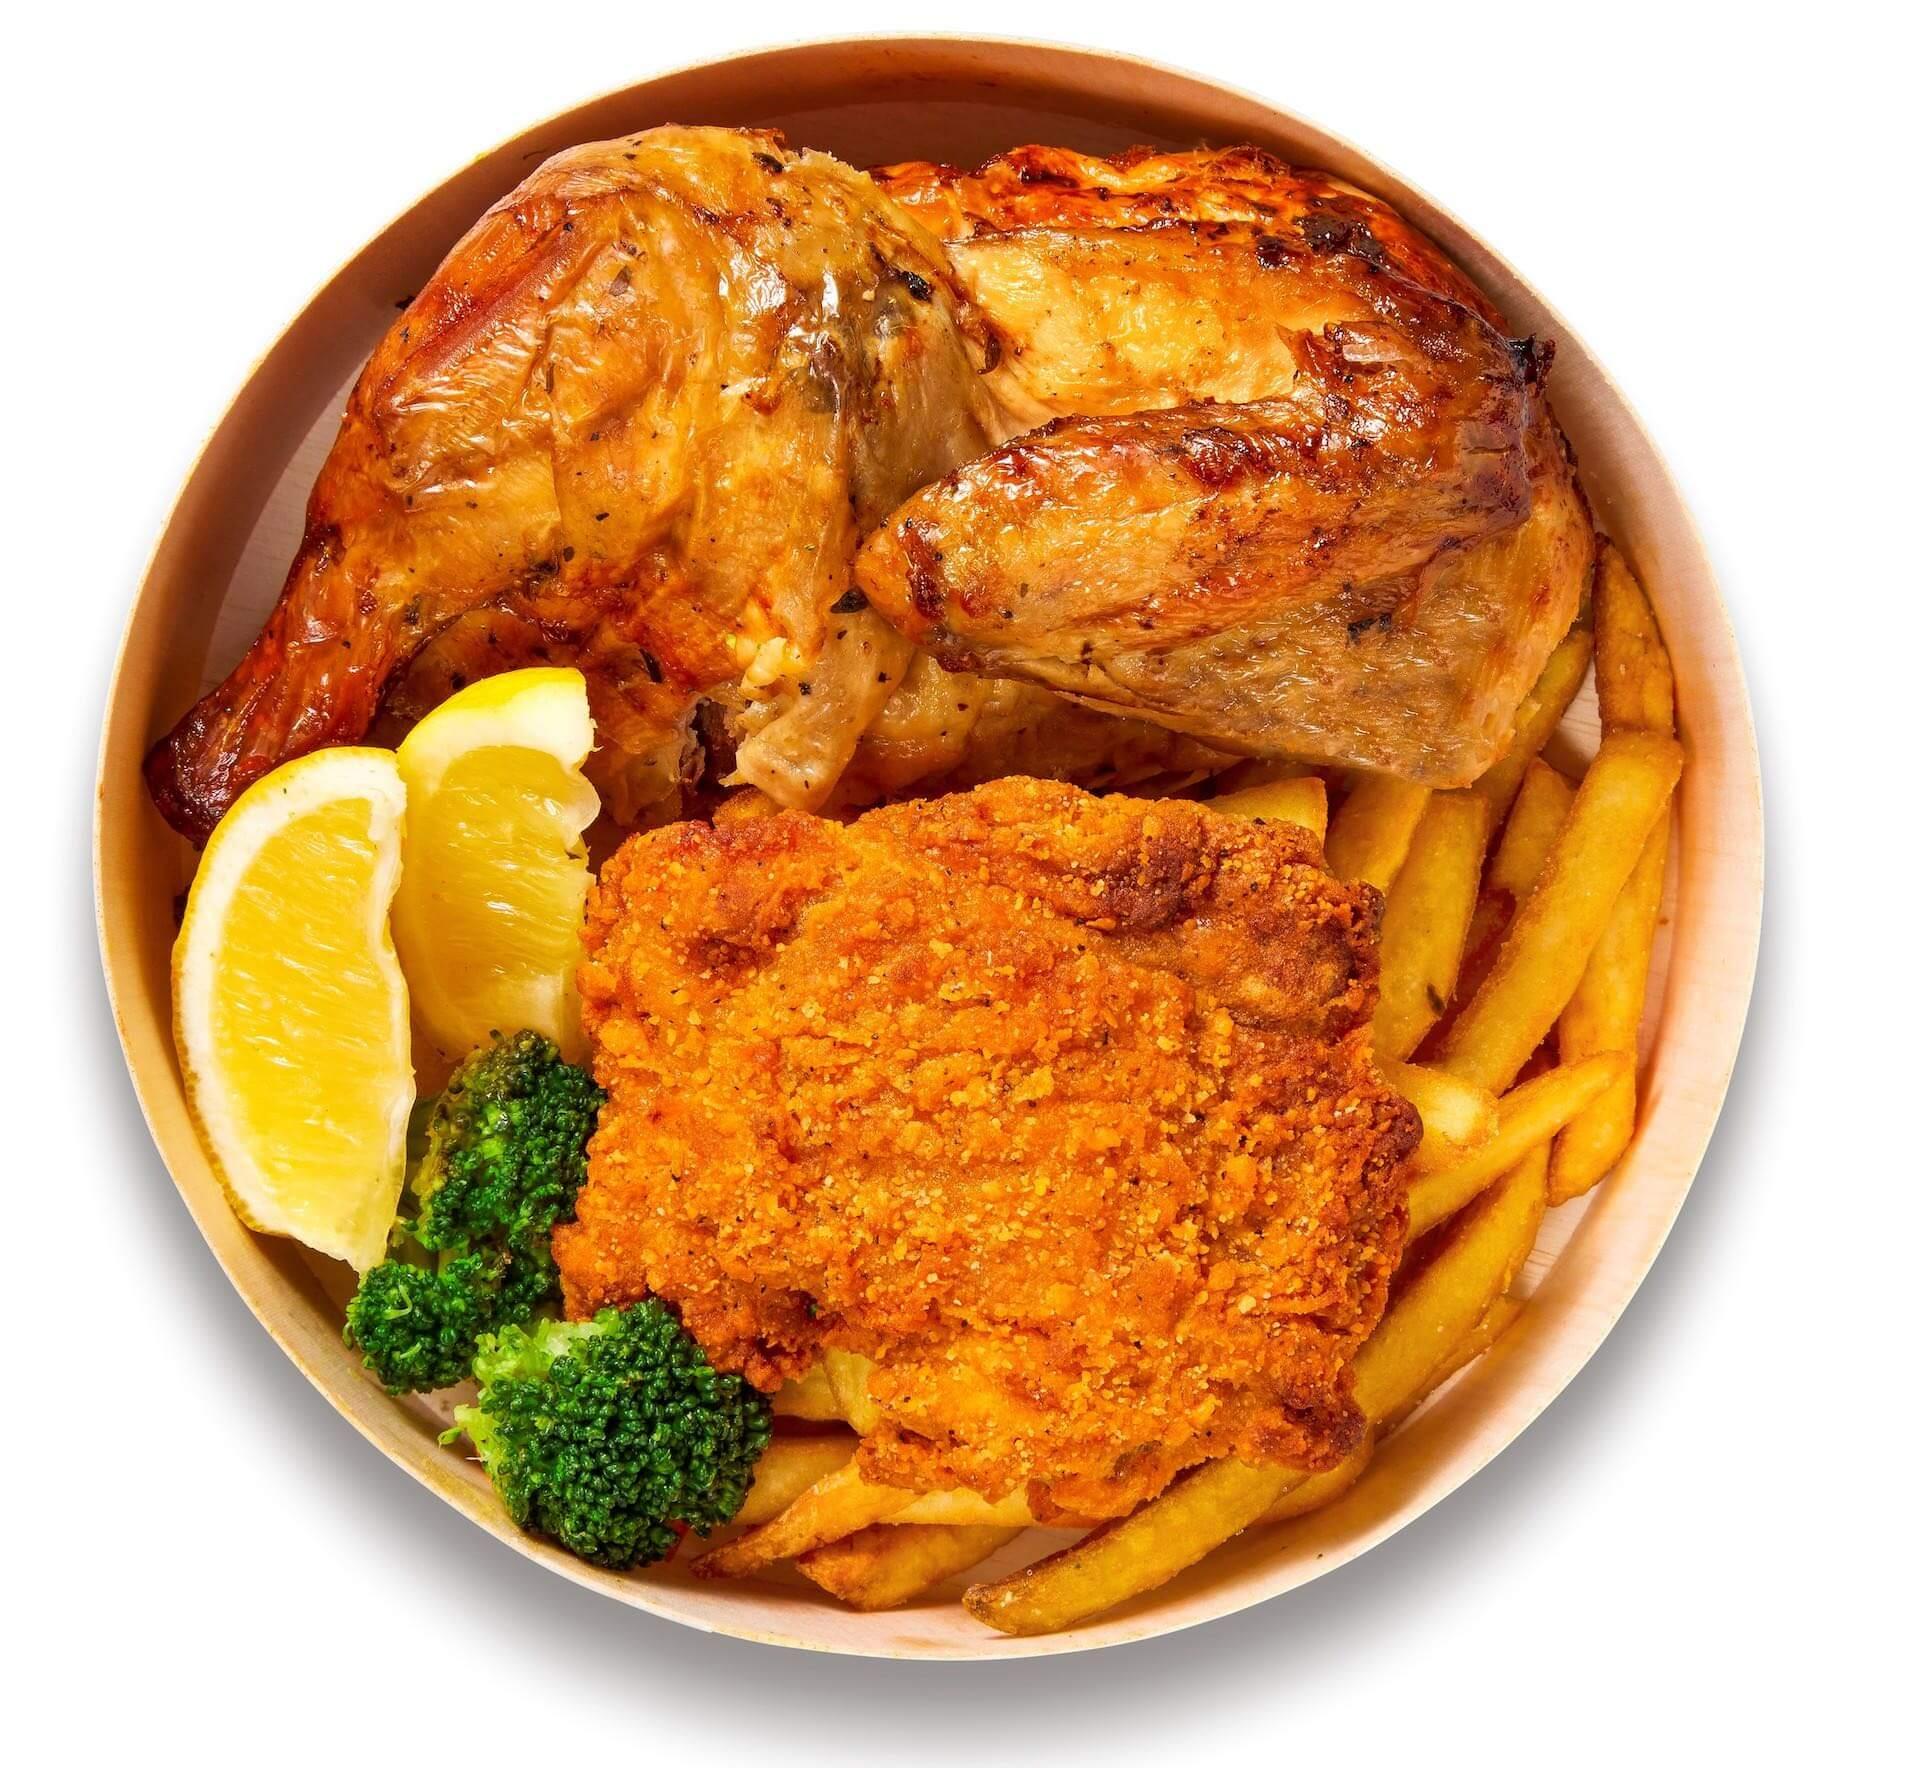 ミートボールBOXなど人気メニューが自宅でも!イケアレストランの一部メニューがテイクアウト可能に gourmet200423_ikea_restaurant_09